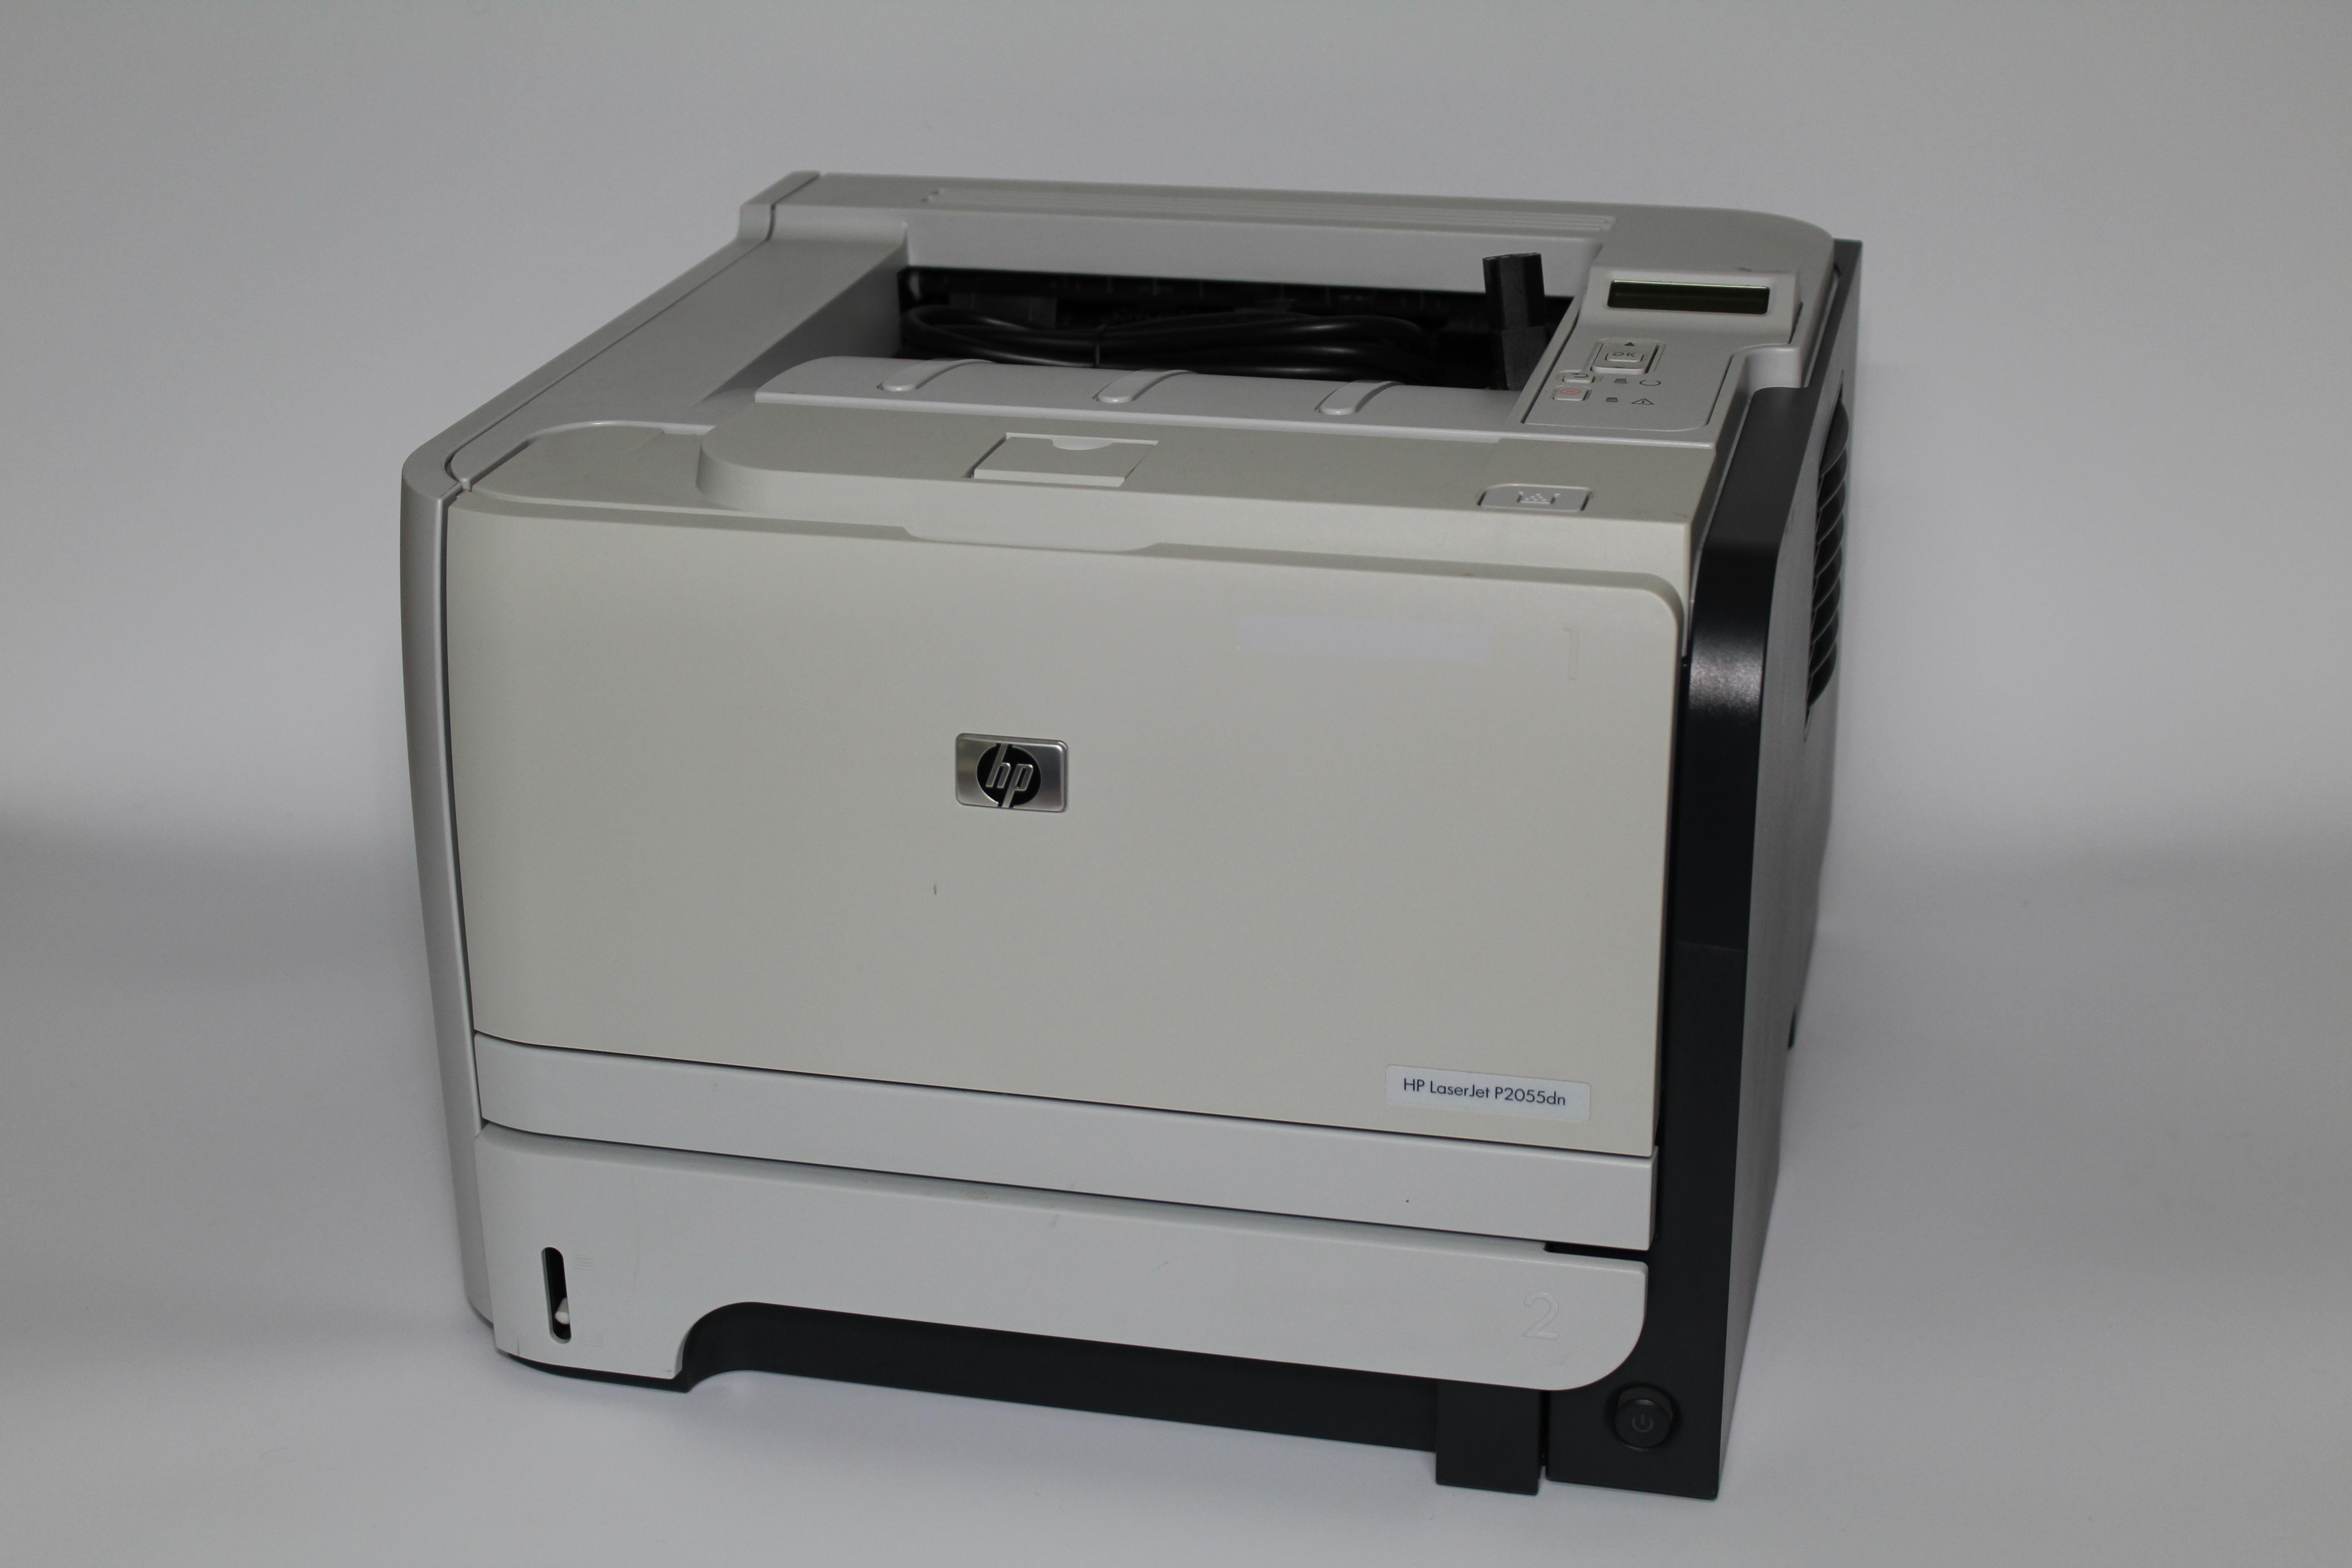 Vous ne trouvez pas de pilote pour votre HP Deskjet 1510? Nous avons procédé à une ingénierie inverse du pilote HP Deskjet 1510 et l'avons inclus dans VueScan afin que vous puissiez continuer à utiliser votre ancien scanner.